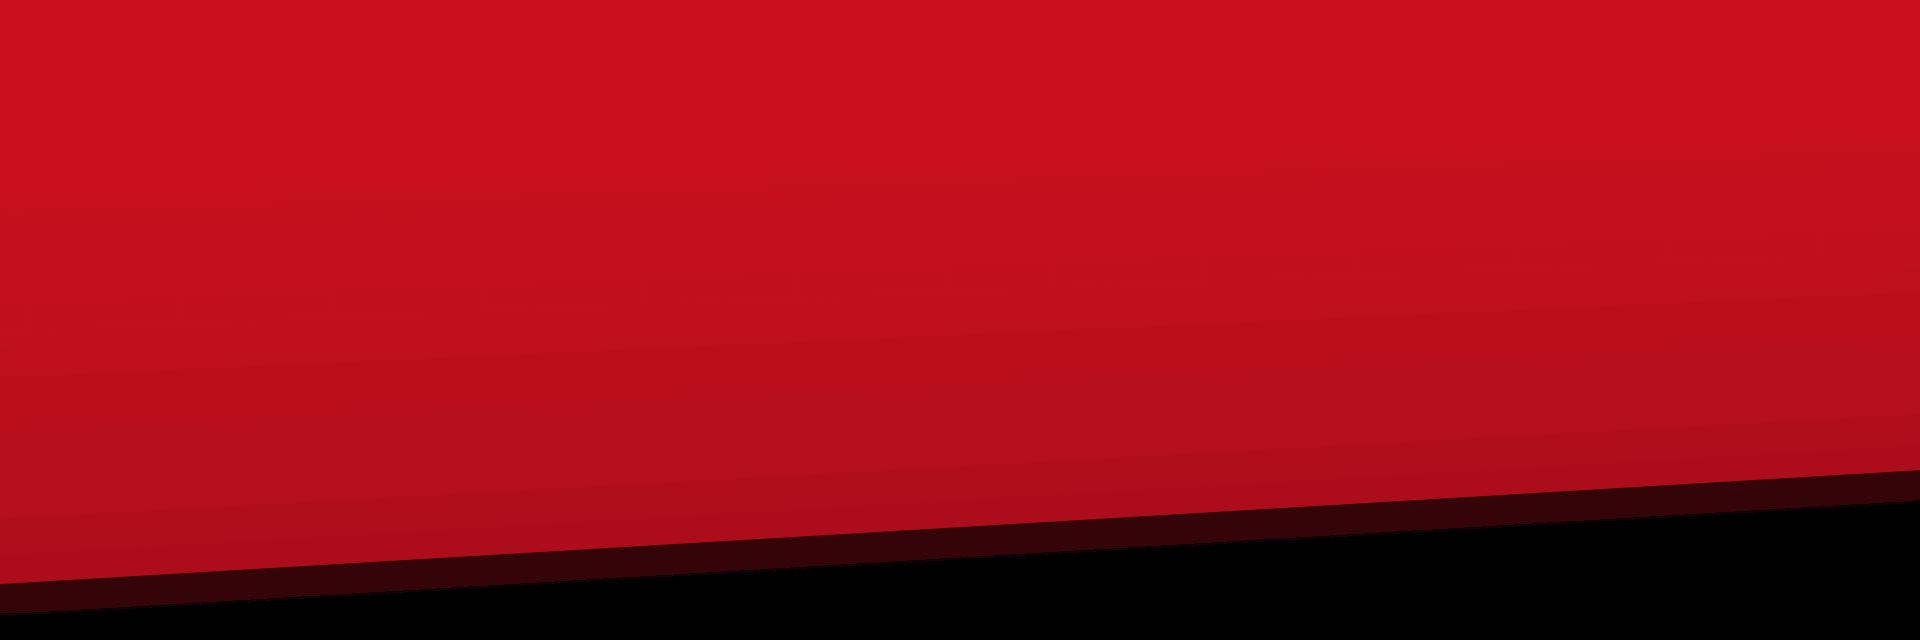 pegamento de contacto vl 2000 franja rojo - PEGAMENTO DE ASPERSIÓN